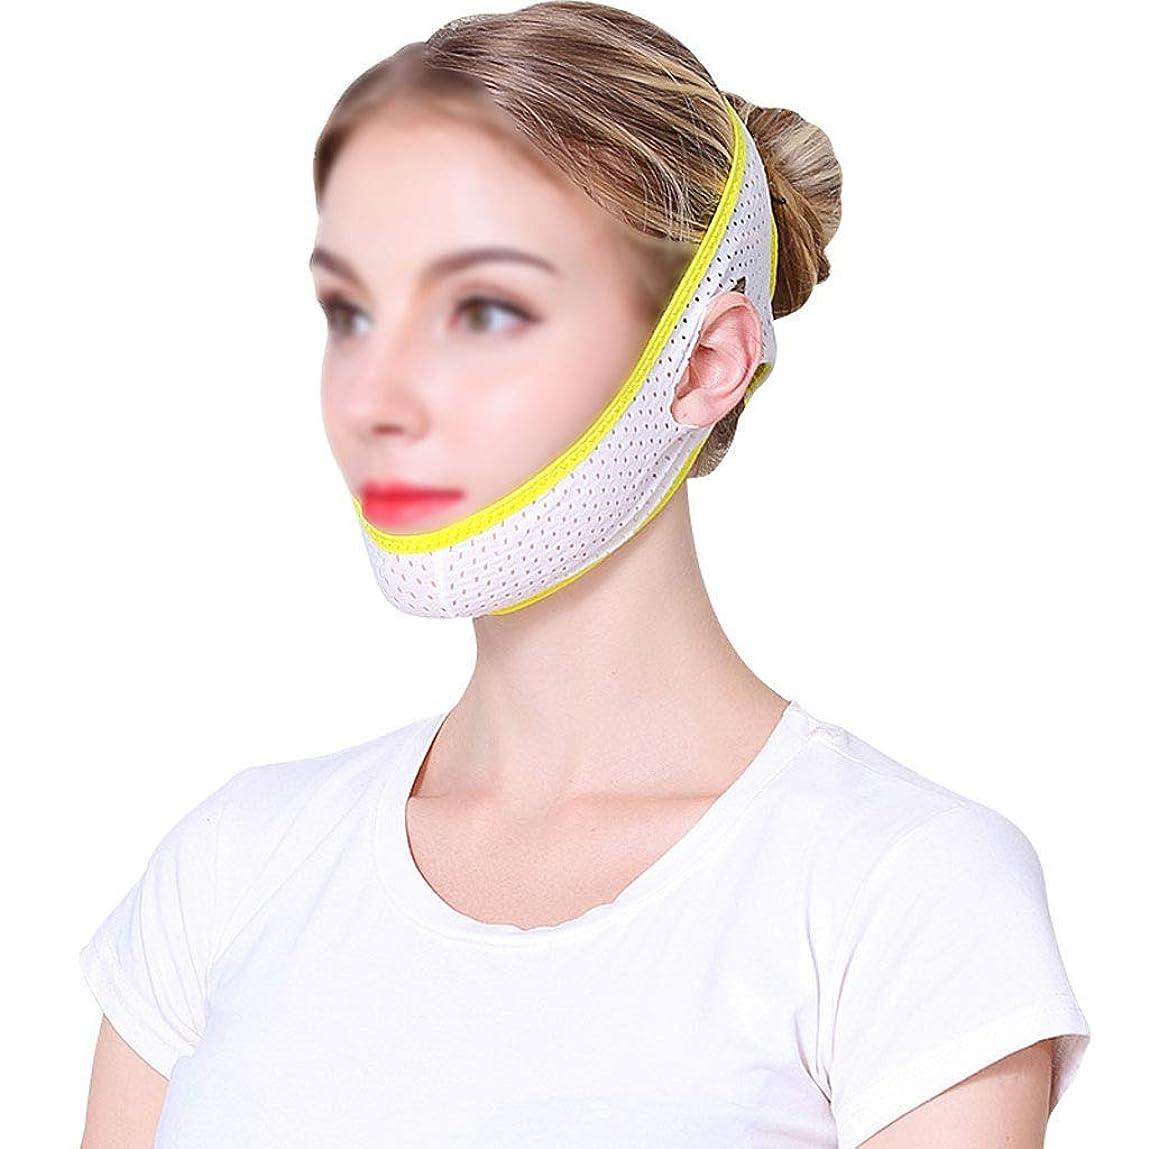 デイジー最大ぐるぐるリフトマスクマスク、夏の通気性の薄いセクションダブルチンストラップVフェイス薄いフェイスマスク